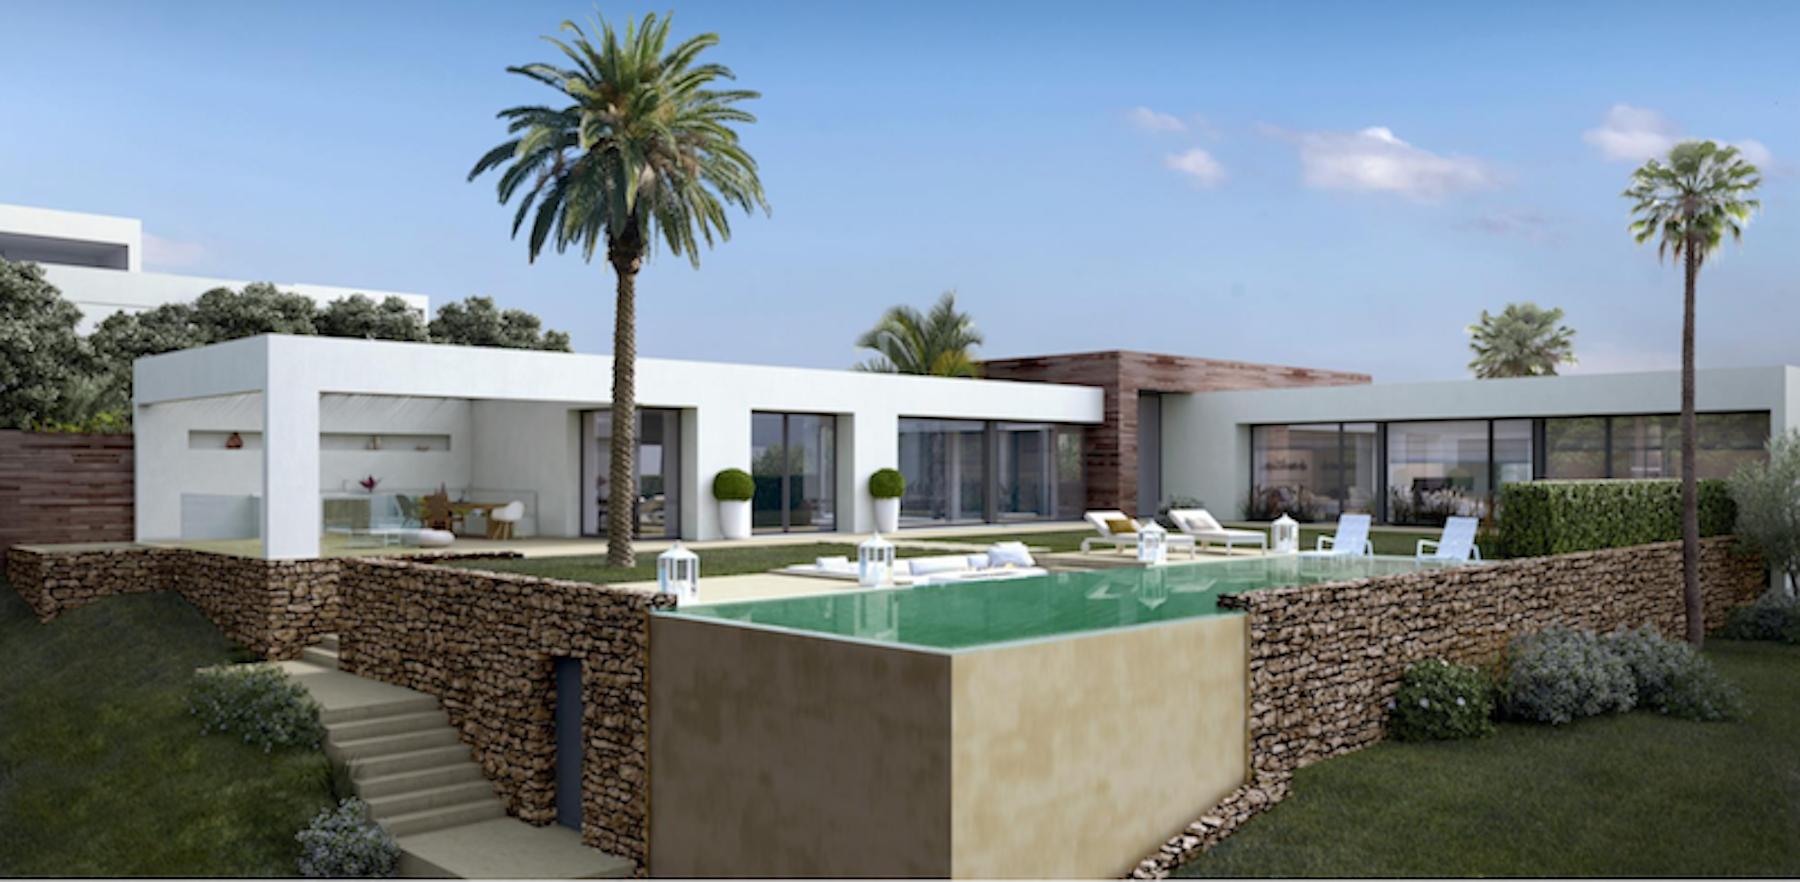 Nieuwbouw villa Altos de Los Monteros, Marbella